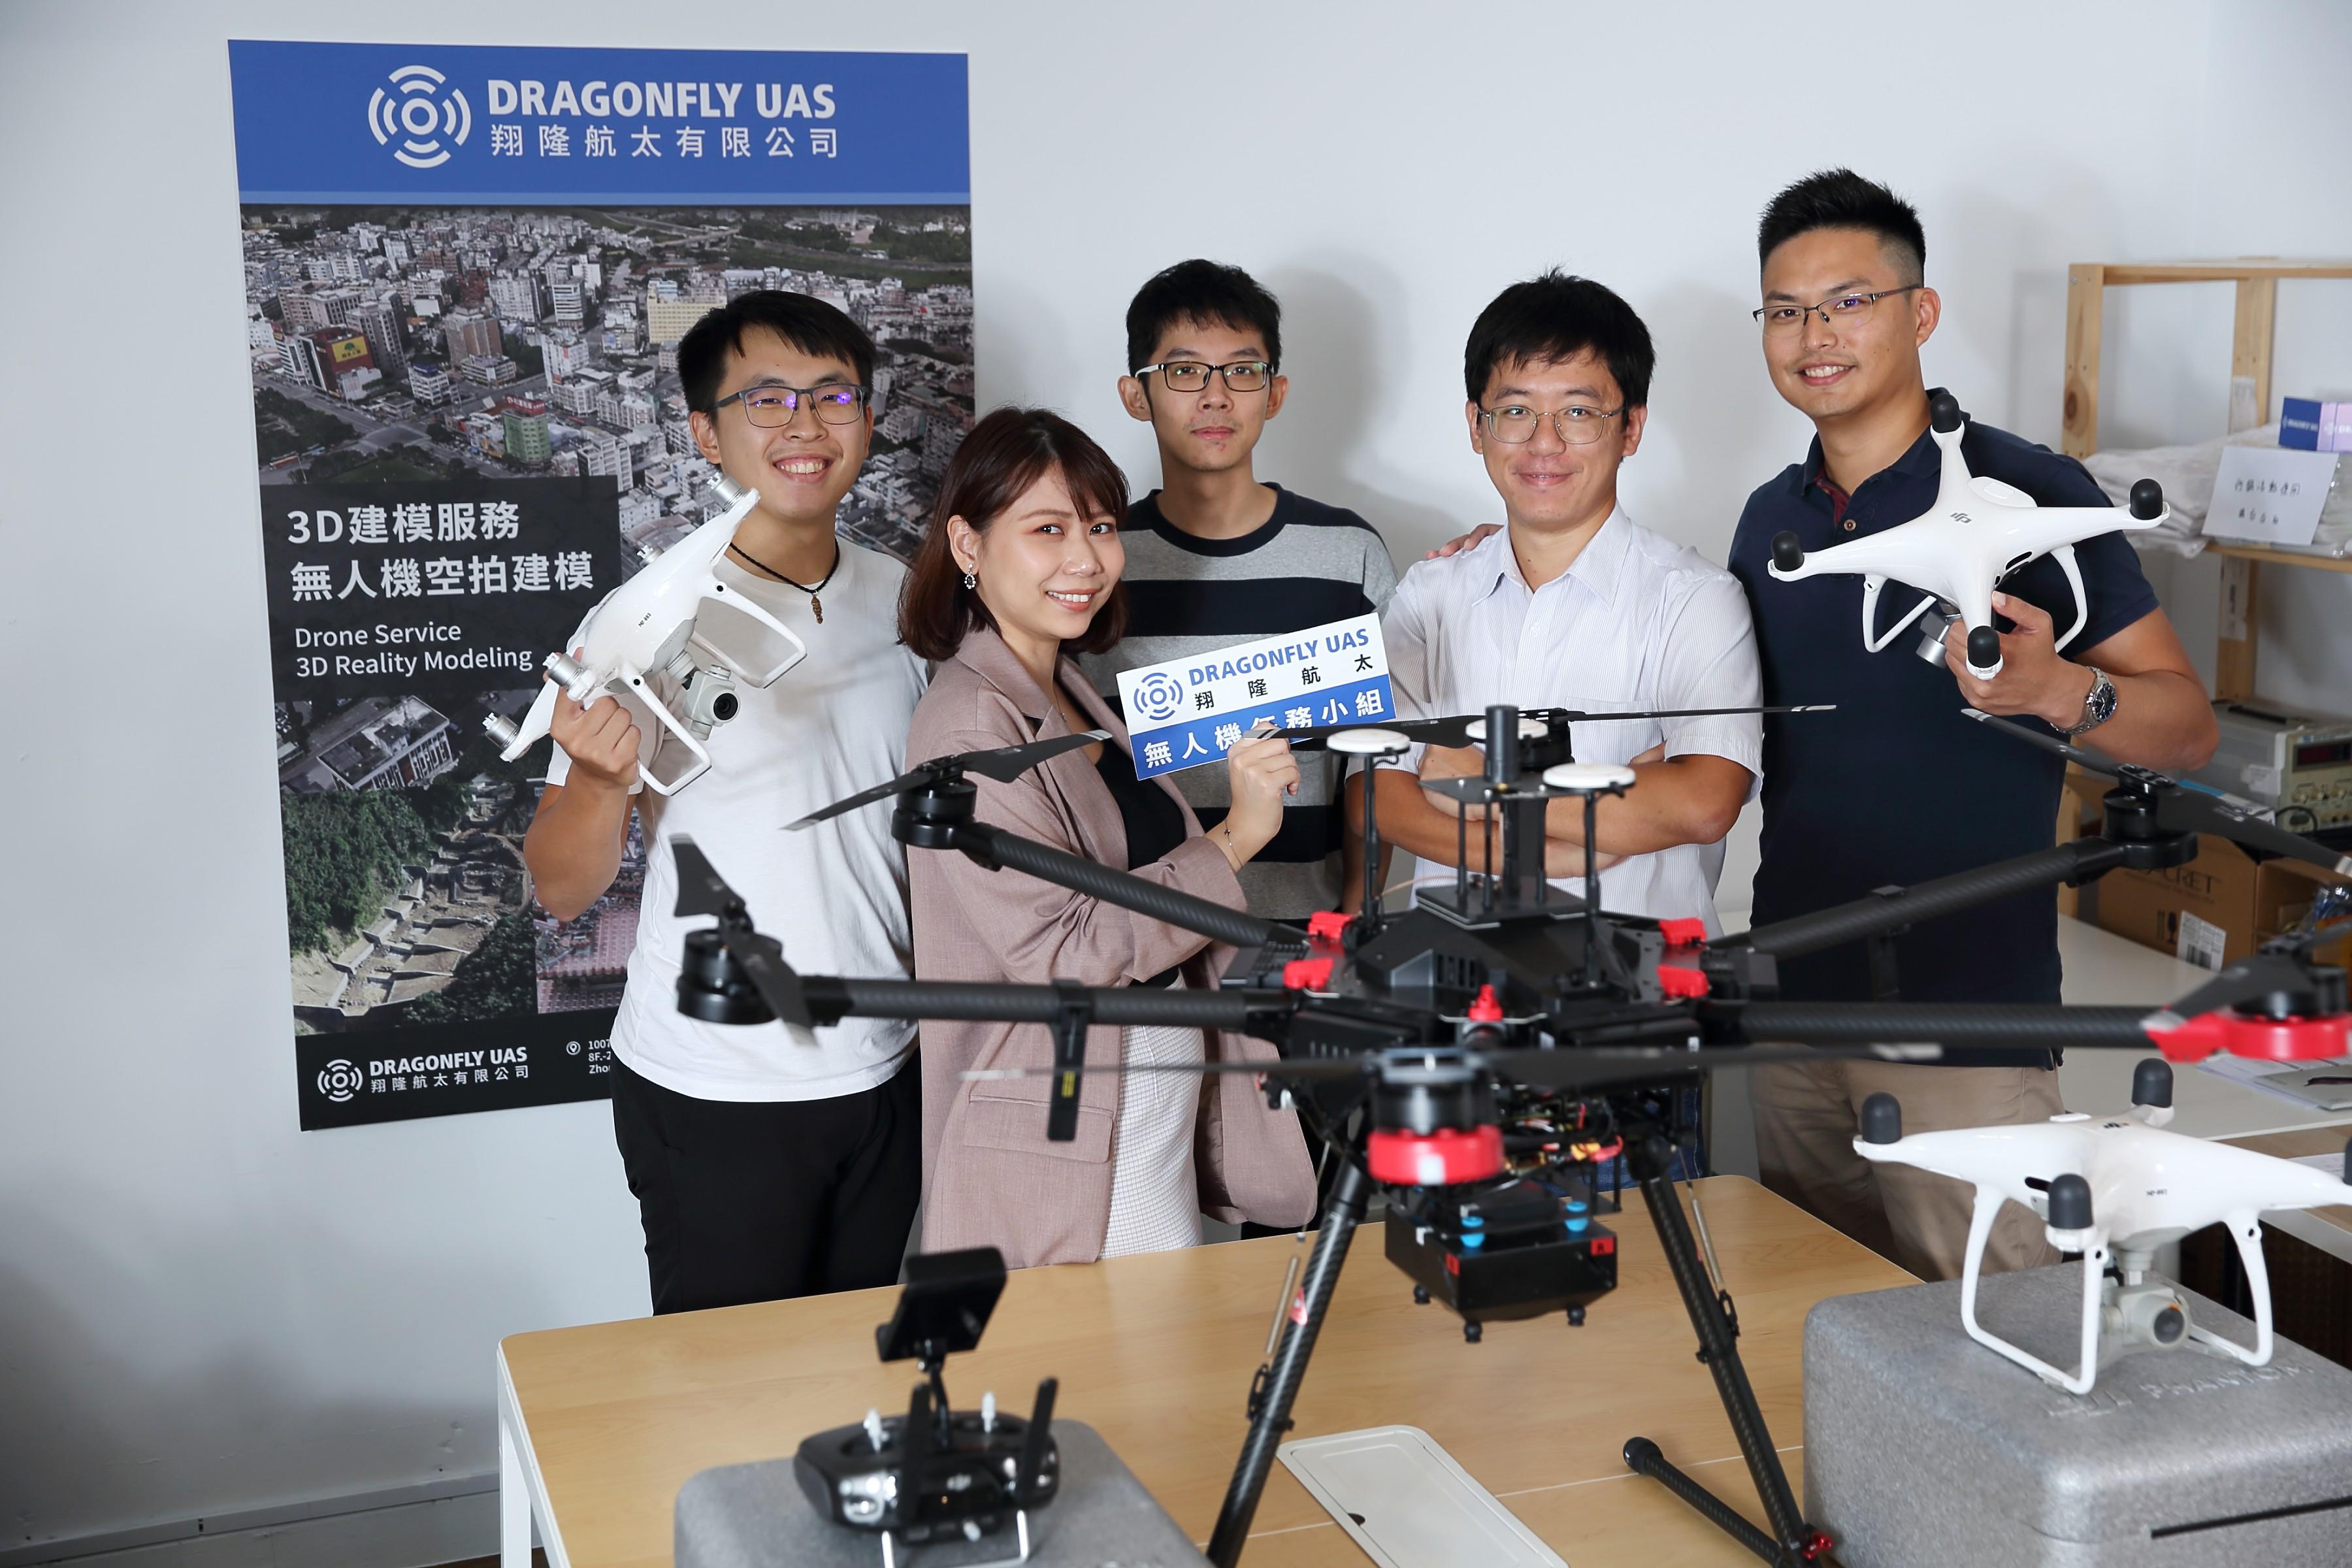 無人機拍攝測量「翔隆航太」,建置三維模型精準掌握工程進度